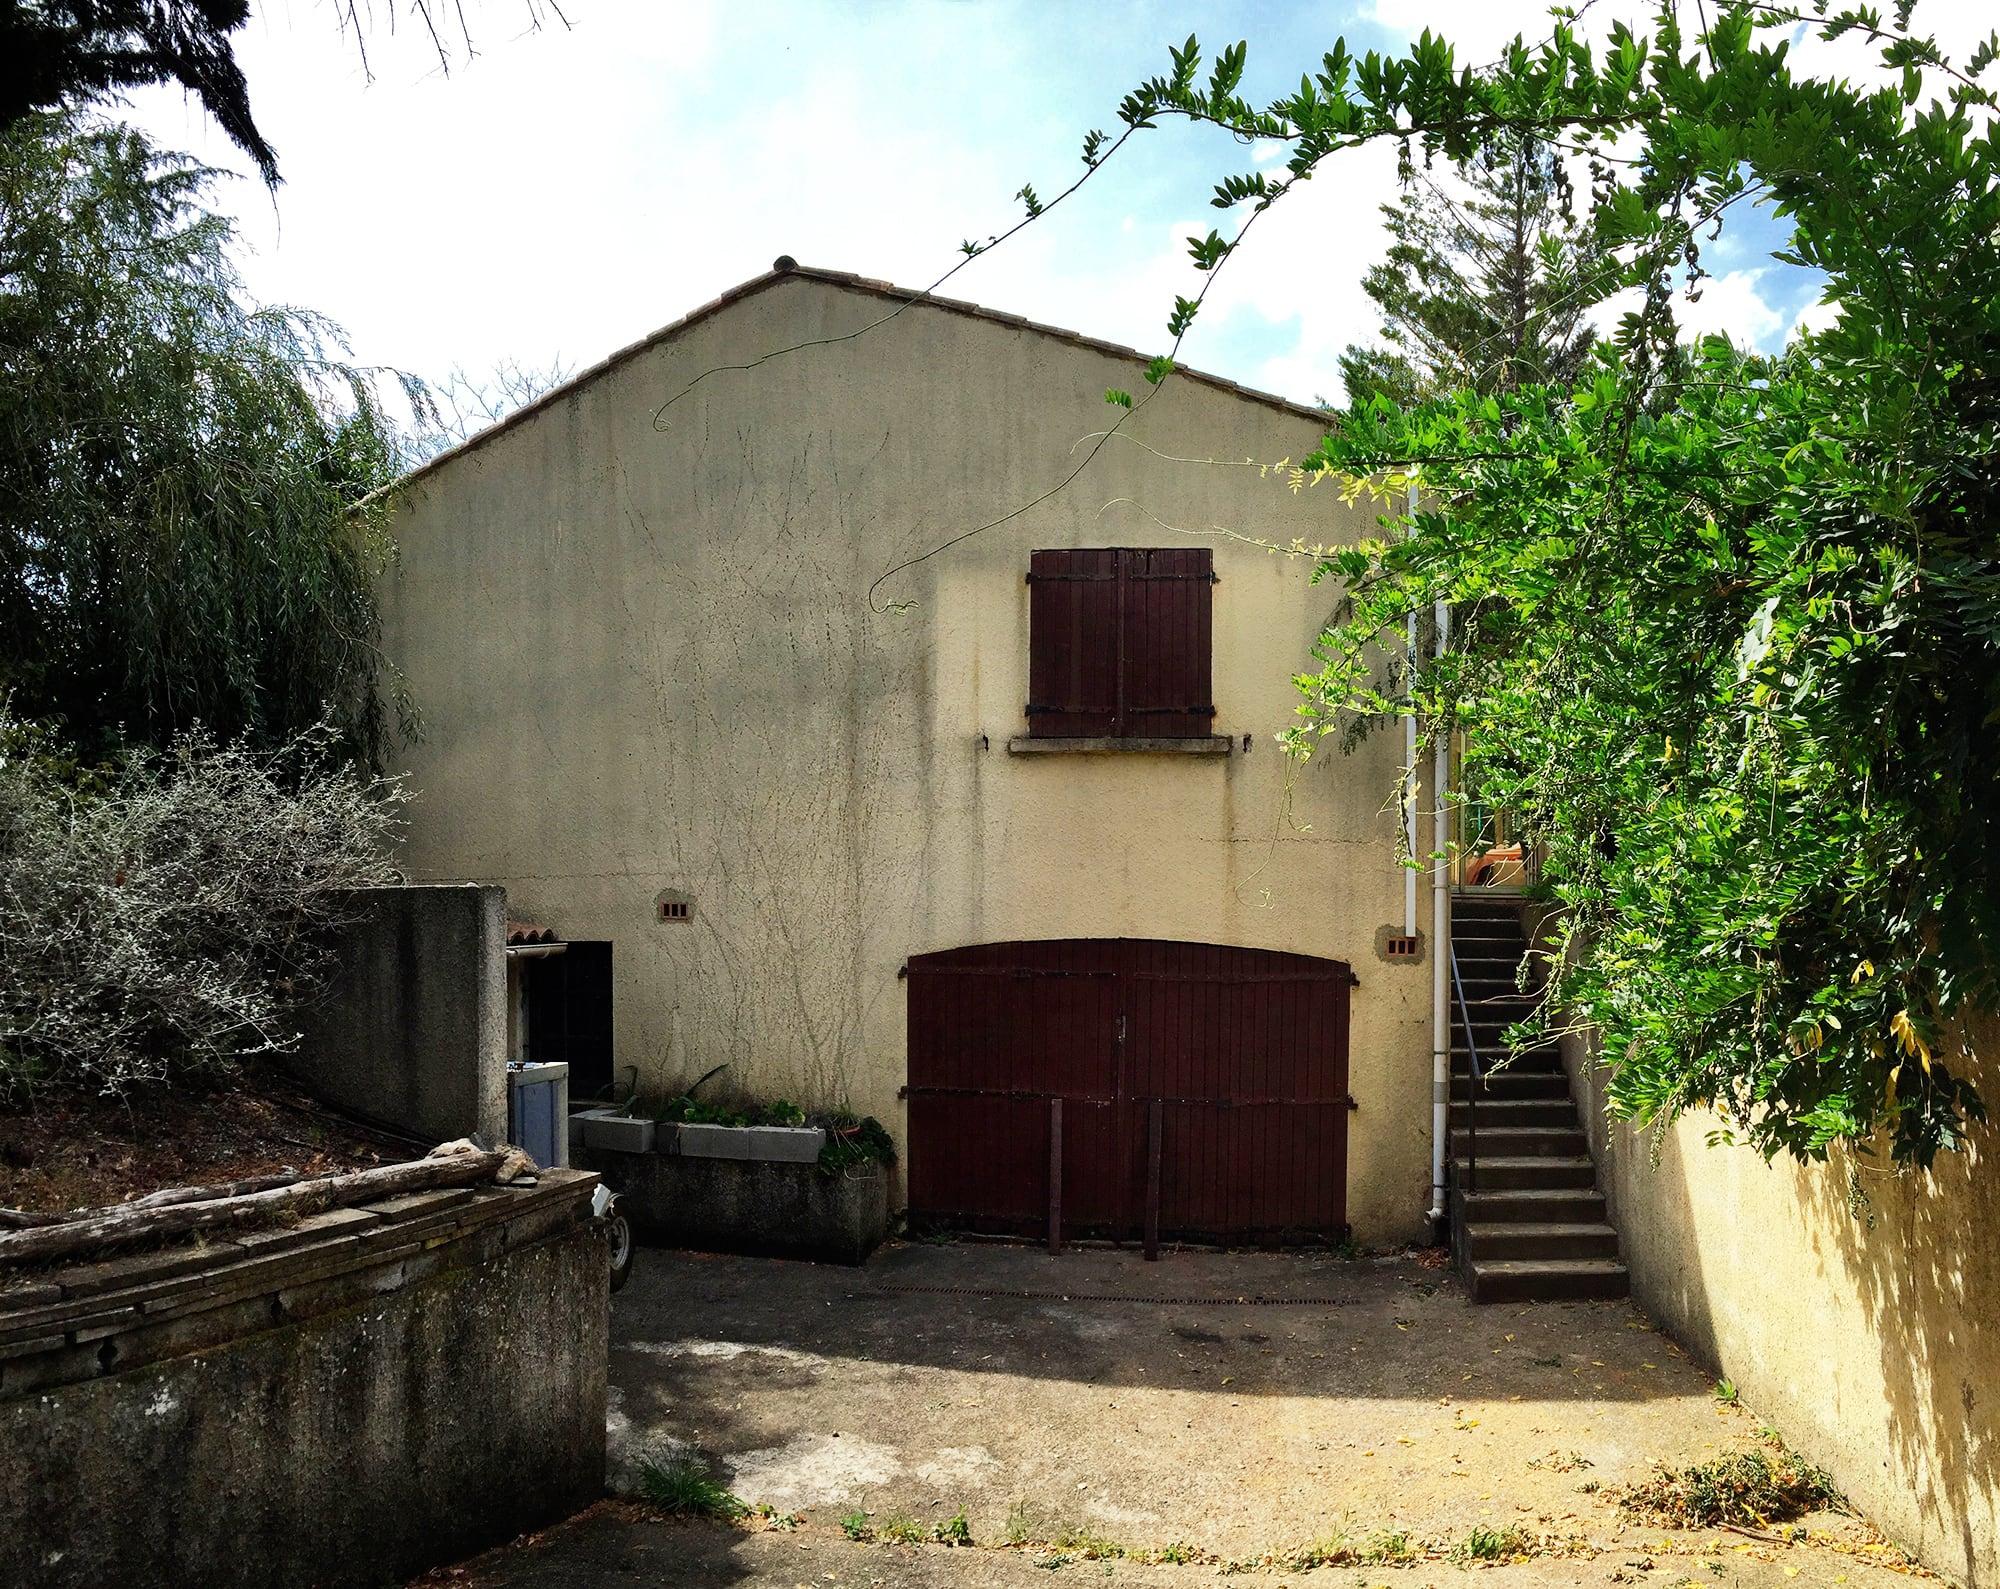 Maison-a-vendre-cevennes-garage03-modif.jpg